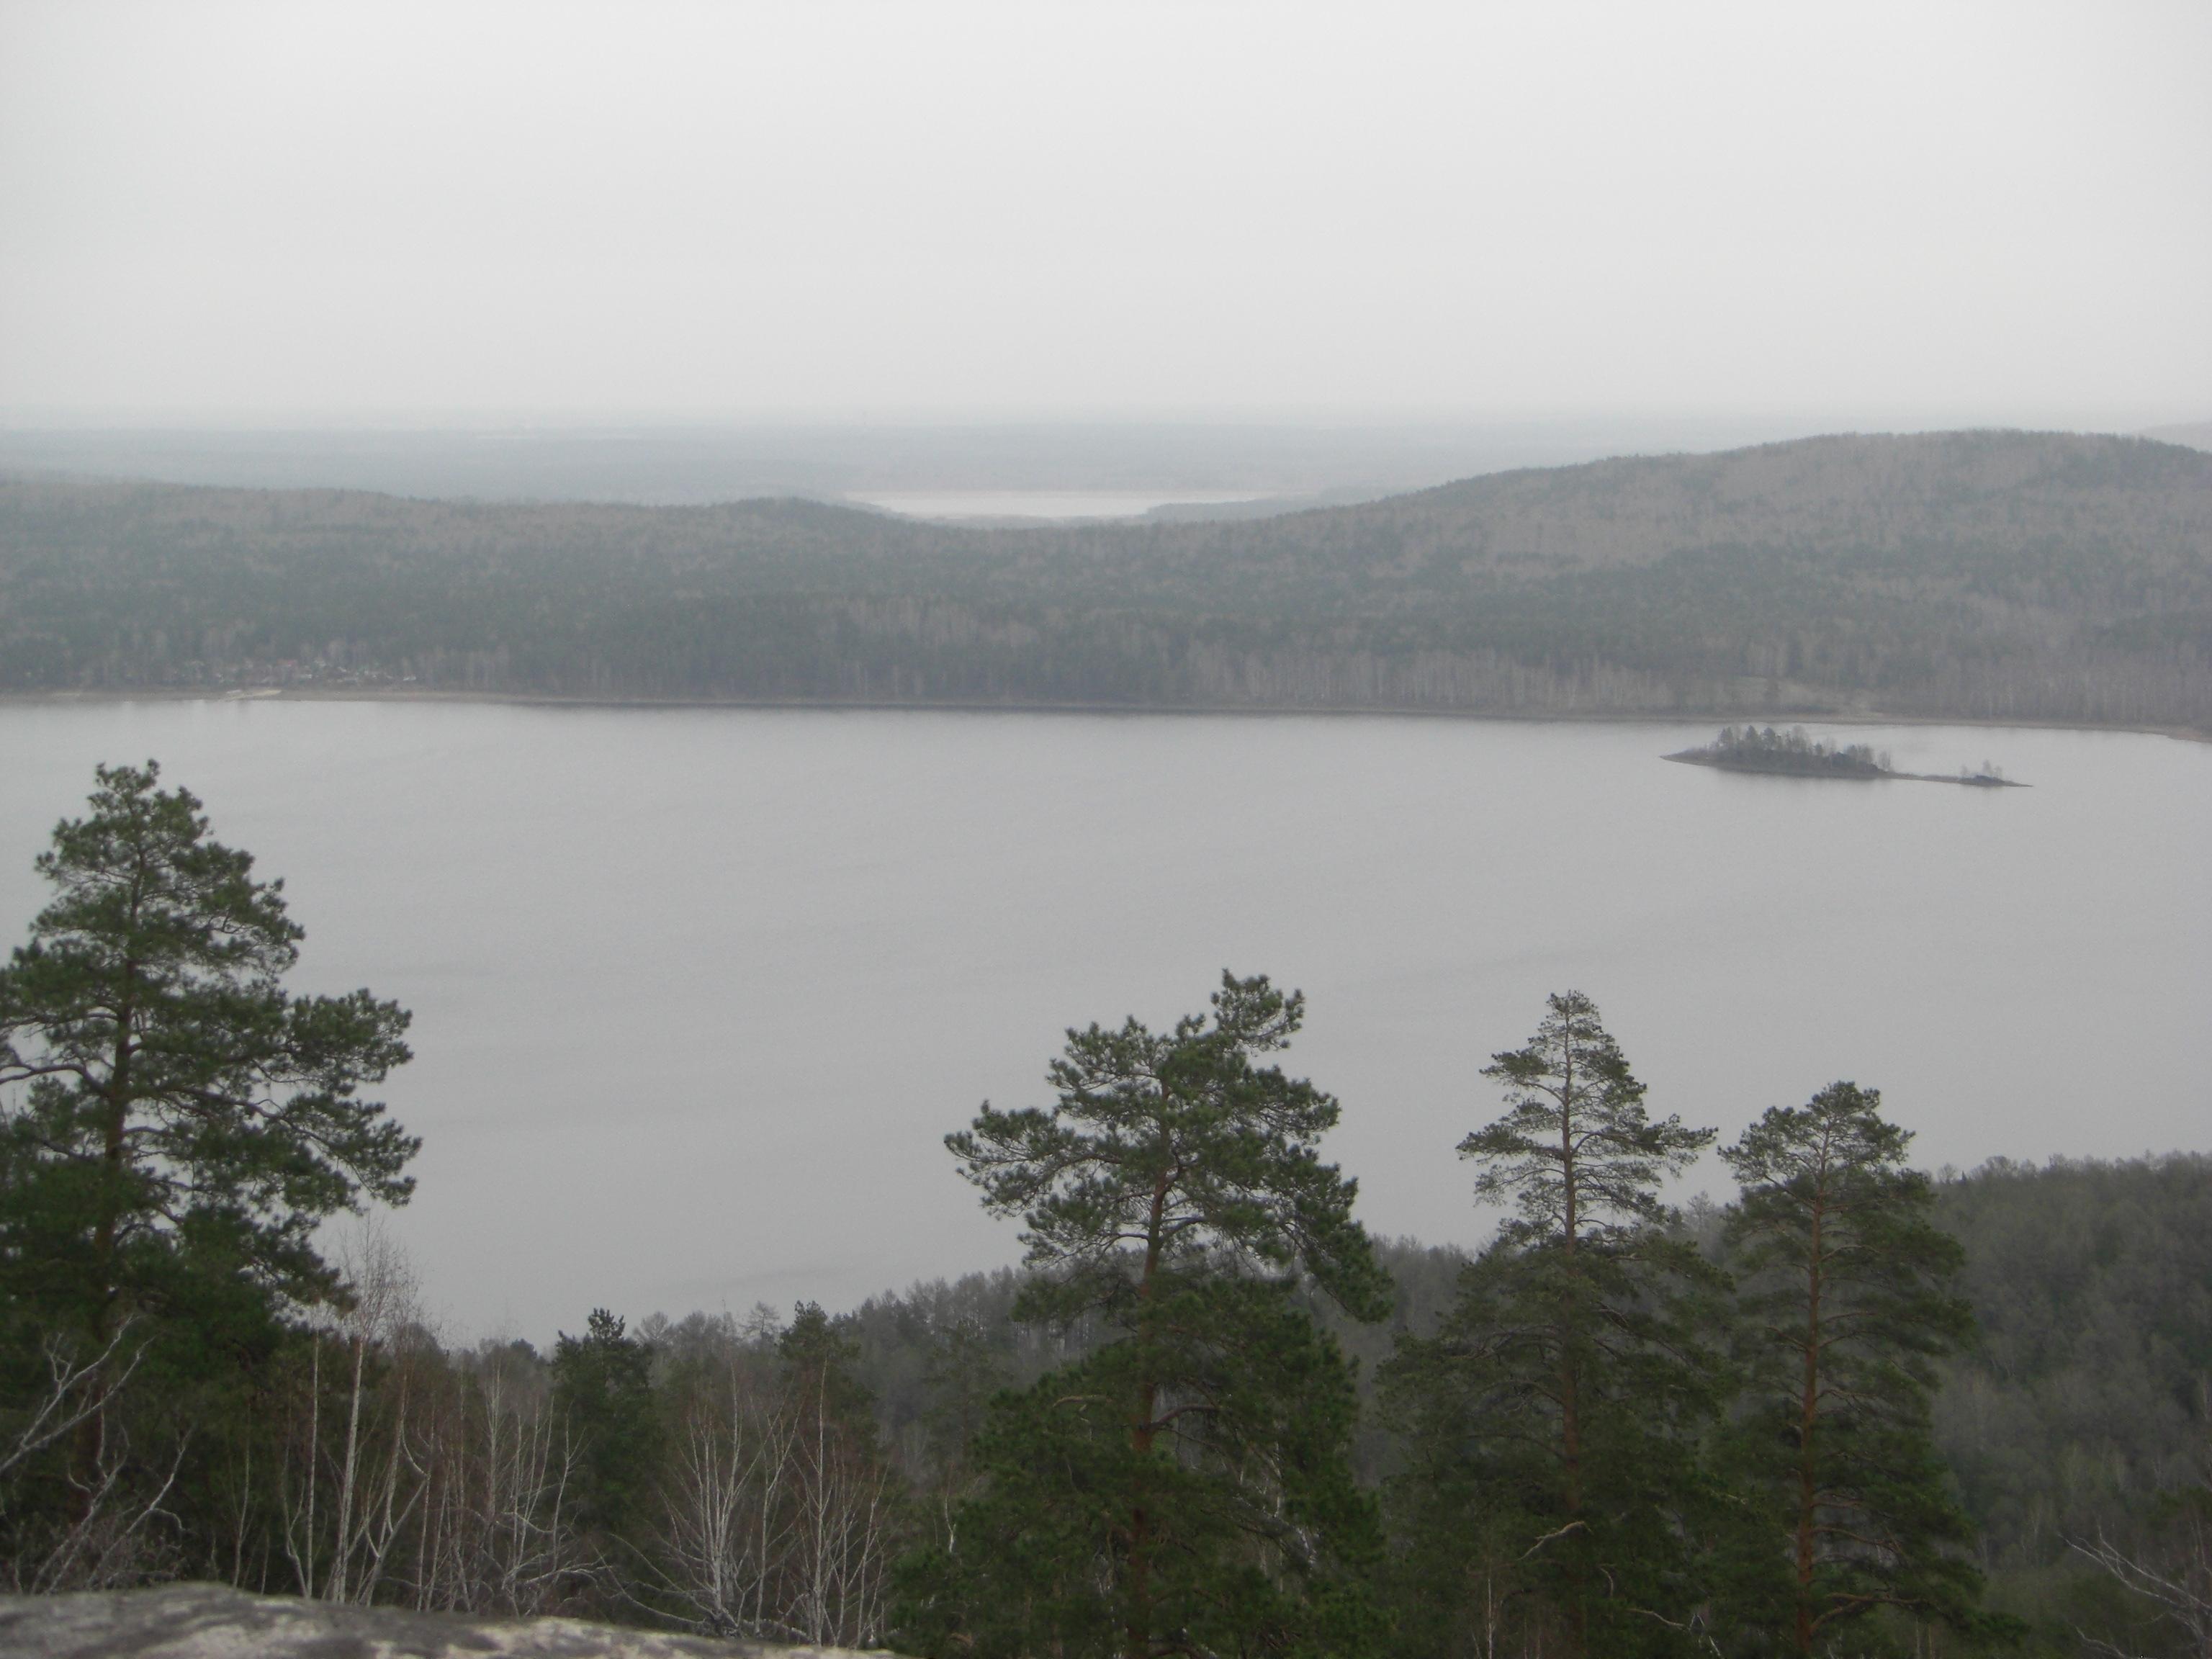 Озеро Аракуль. Островок называется Остров Любви. На берегу - поселок Аракуль и гостиницы.  (13.05.2014)